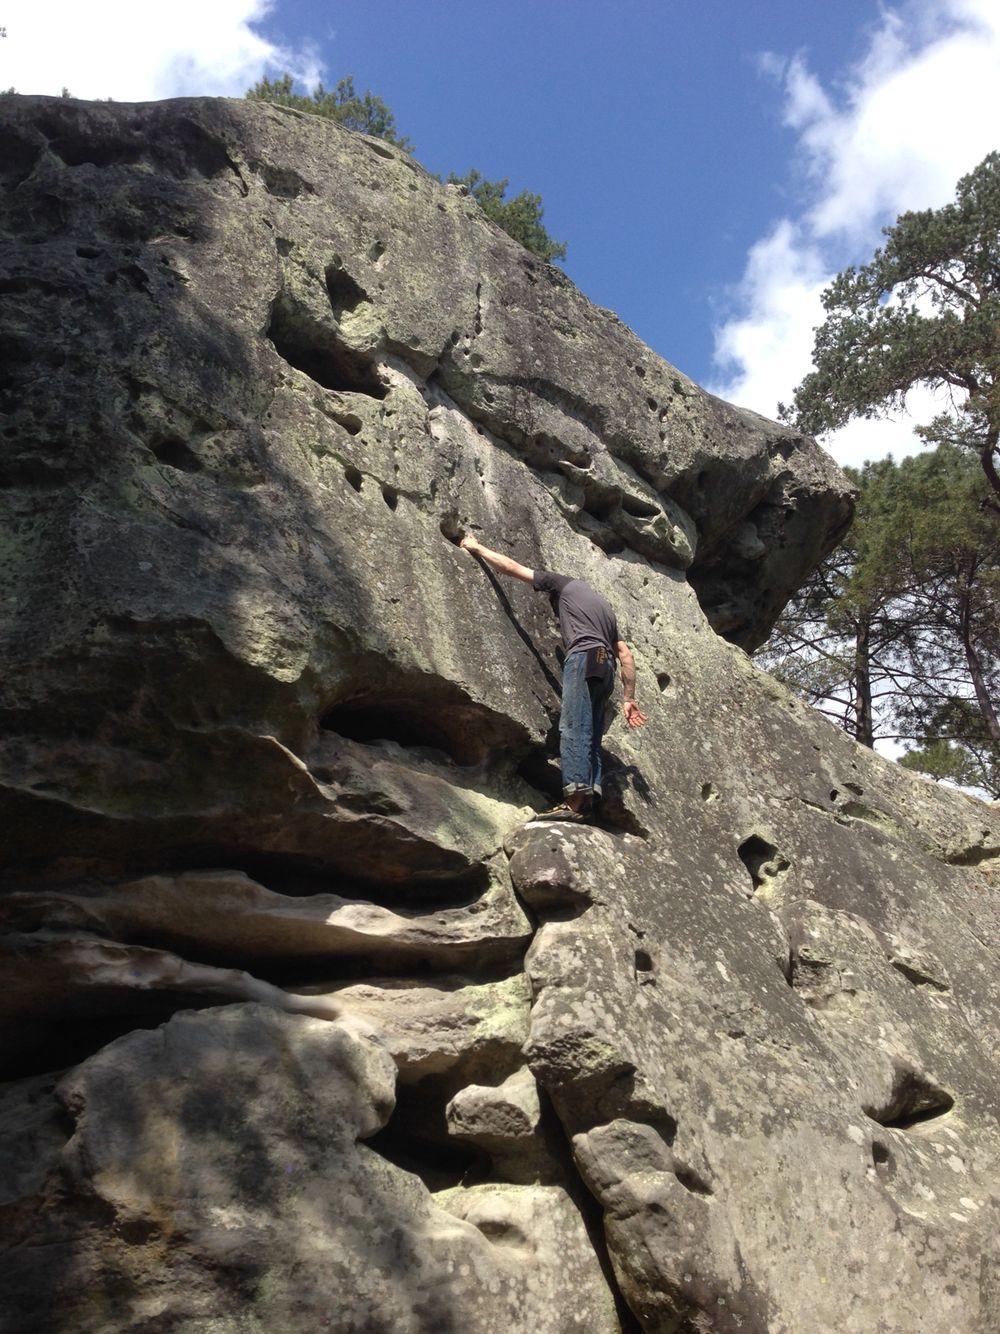 Epingle Sur Climbing Pictures